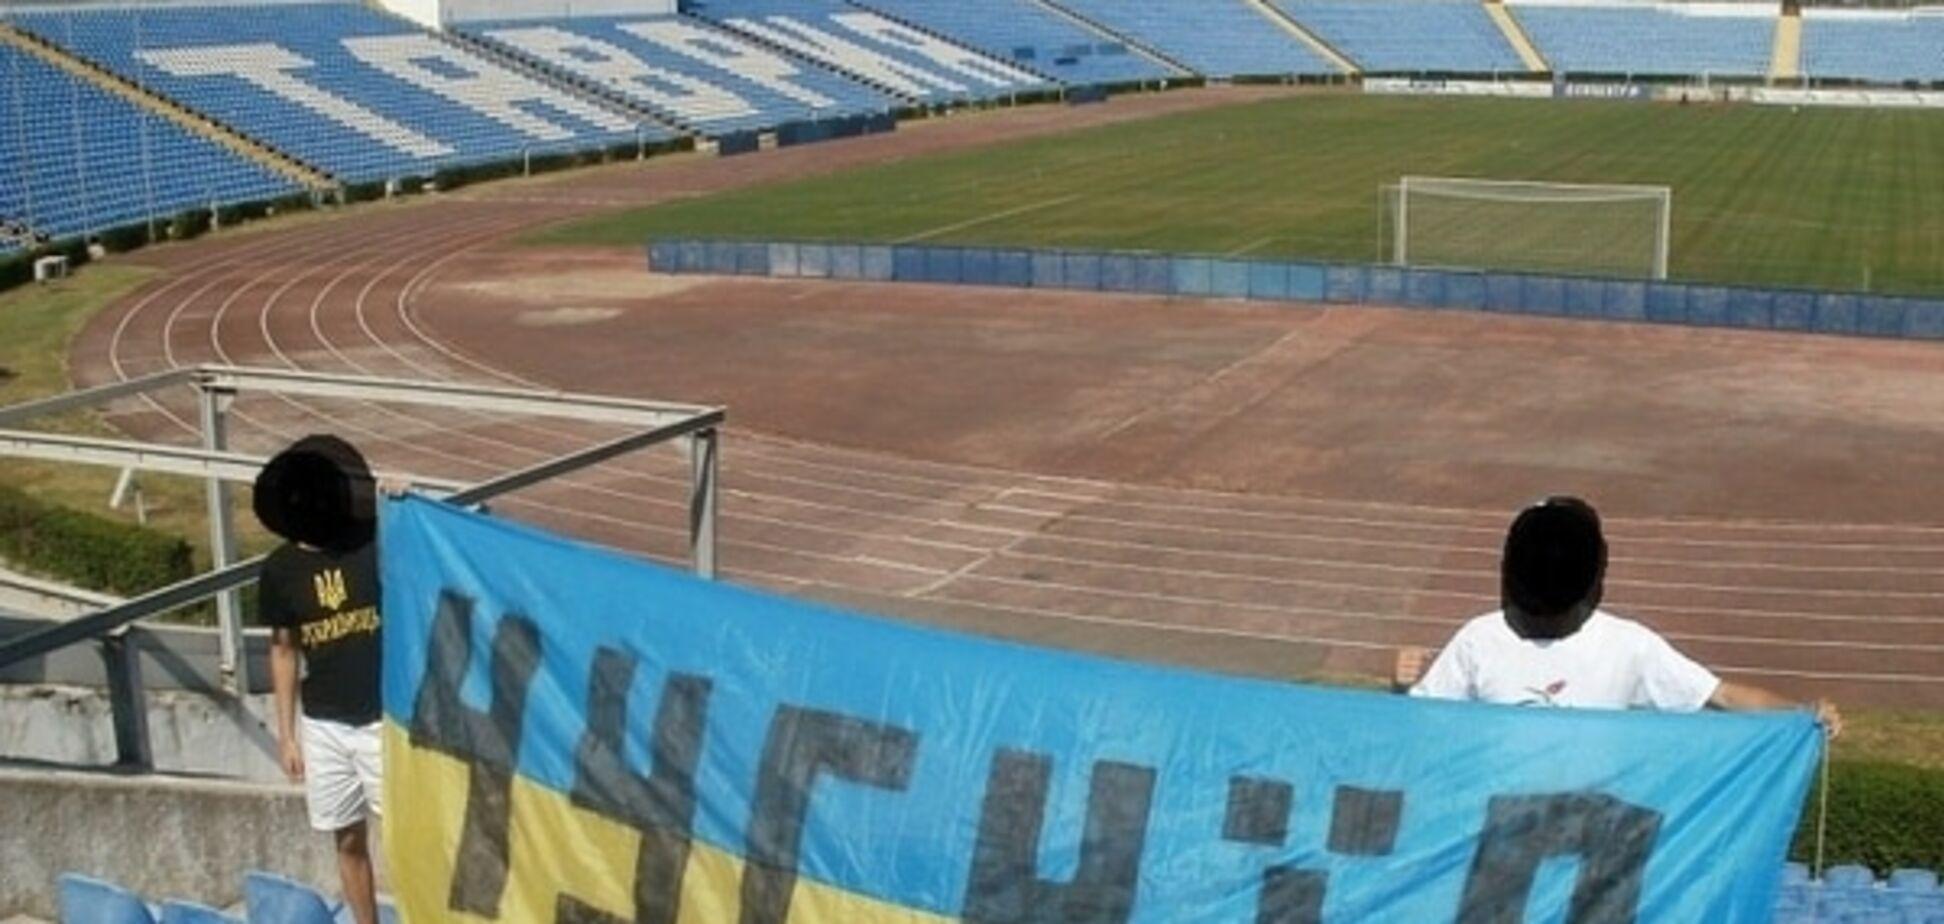 Крим - Україна! Фани на стадіоні в Сімферополі вивісили український прапор